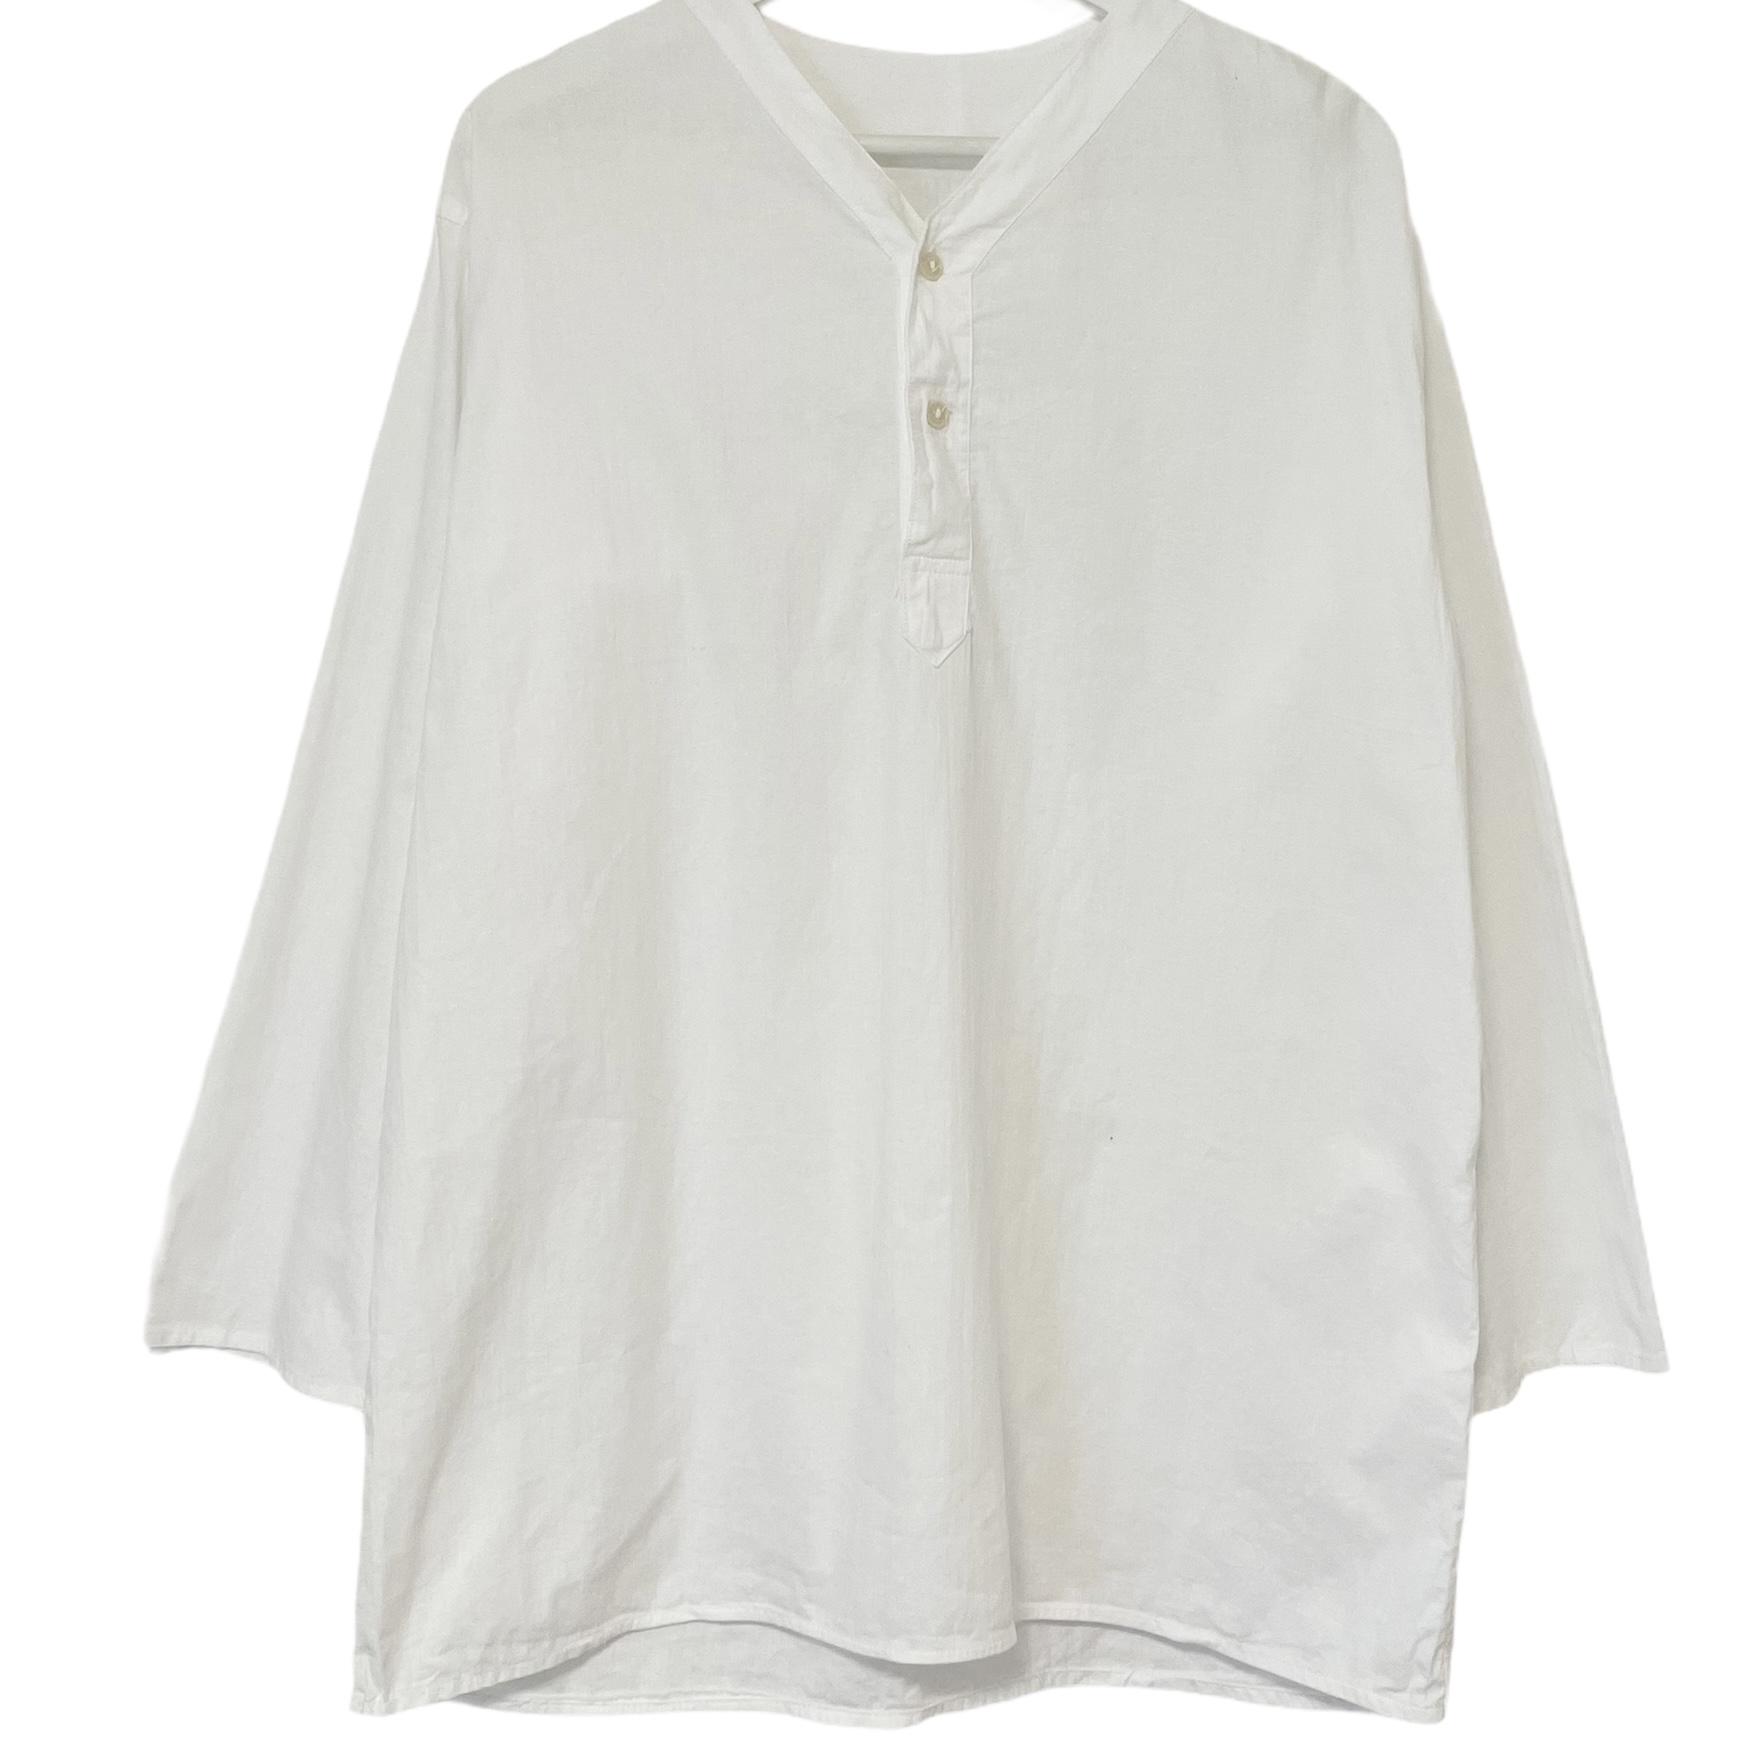 デッドストック 80's ロシア軍 大人気 旧ソ連軍 スリーピングシャツ 上質 46 ホワイト ヘンリーネック Vネック